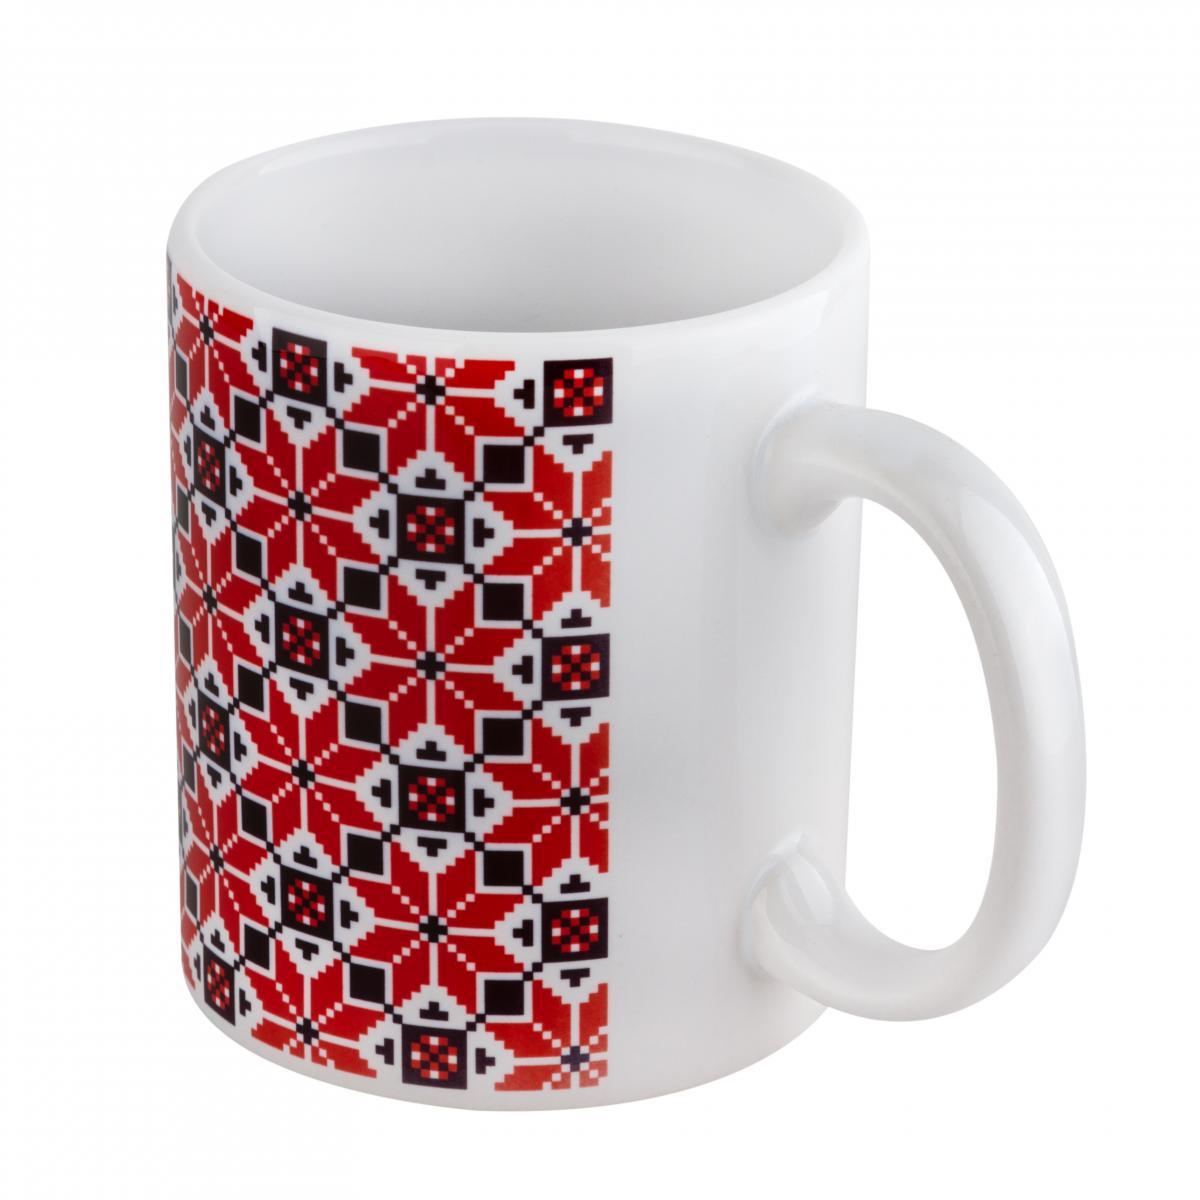 Чашка з червоно-чорним візерунком. Фото №2. | Народний дім Україна